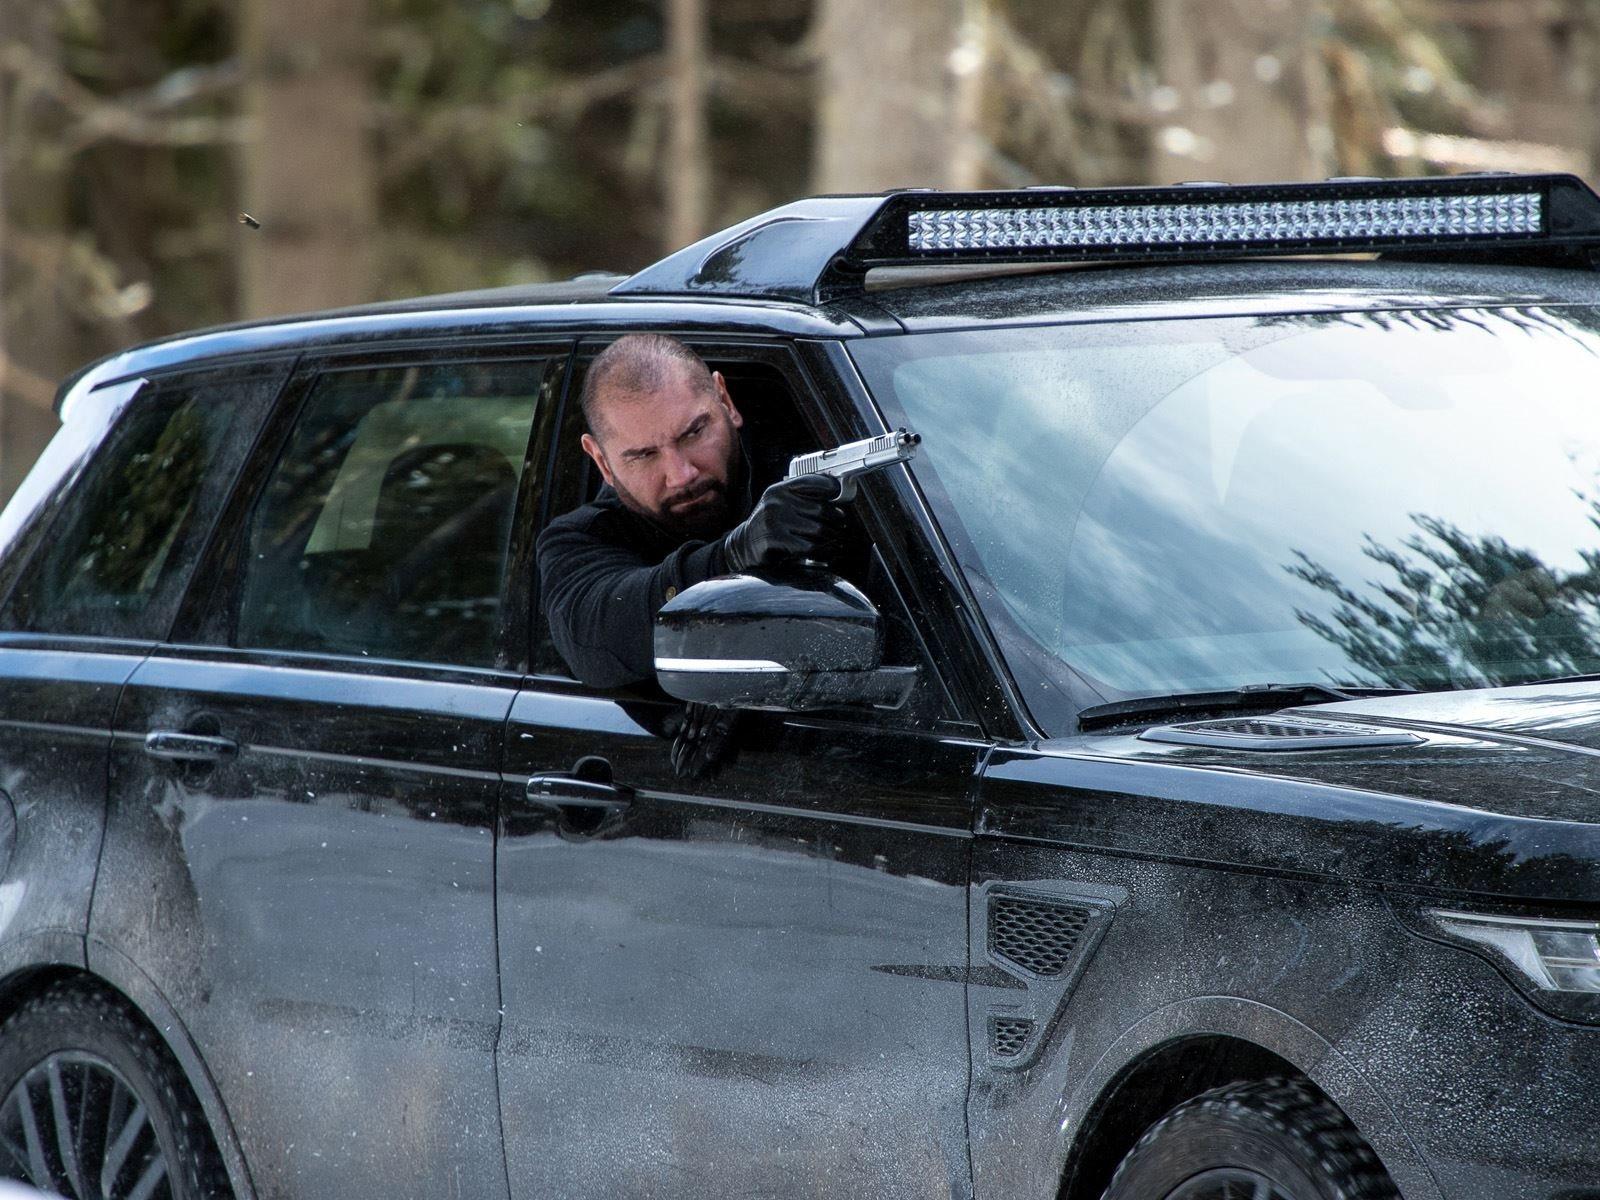 «Агент 007 Elements» выйдет на экраны 12 июля 2018 года.